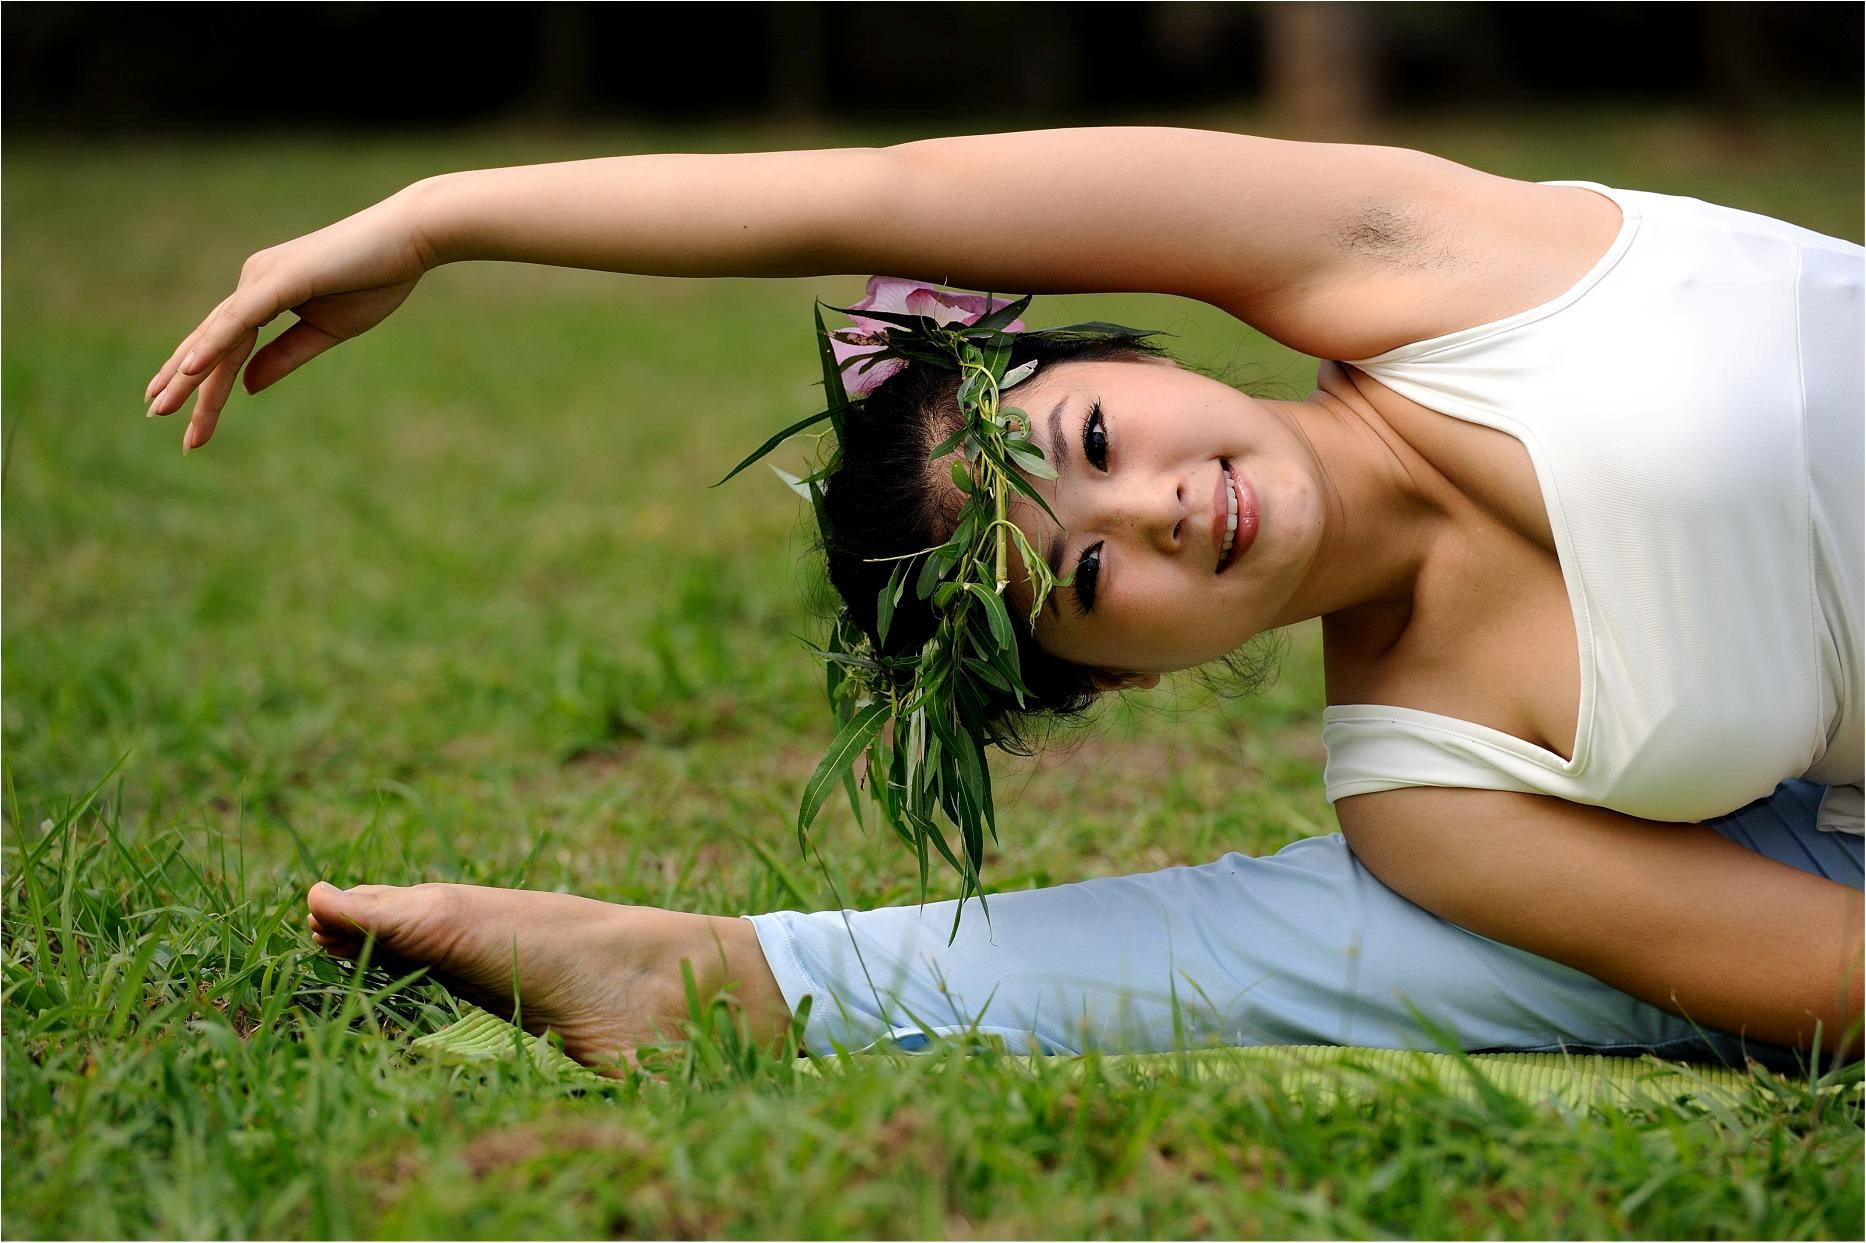 继续图瑜伽美女